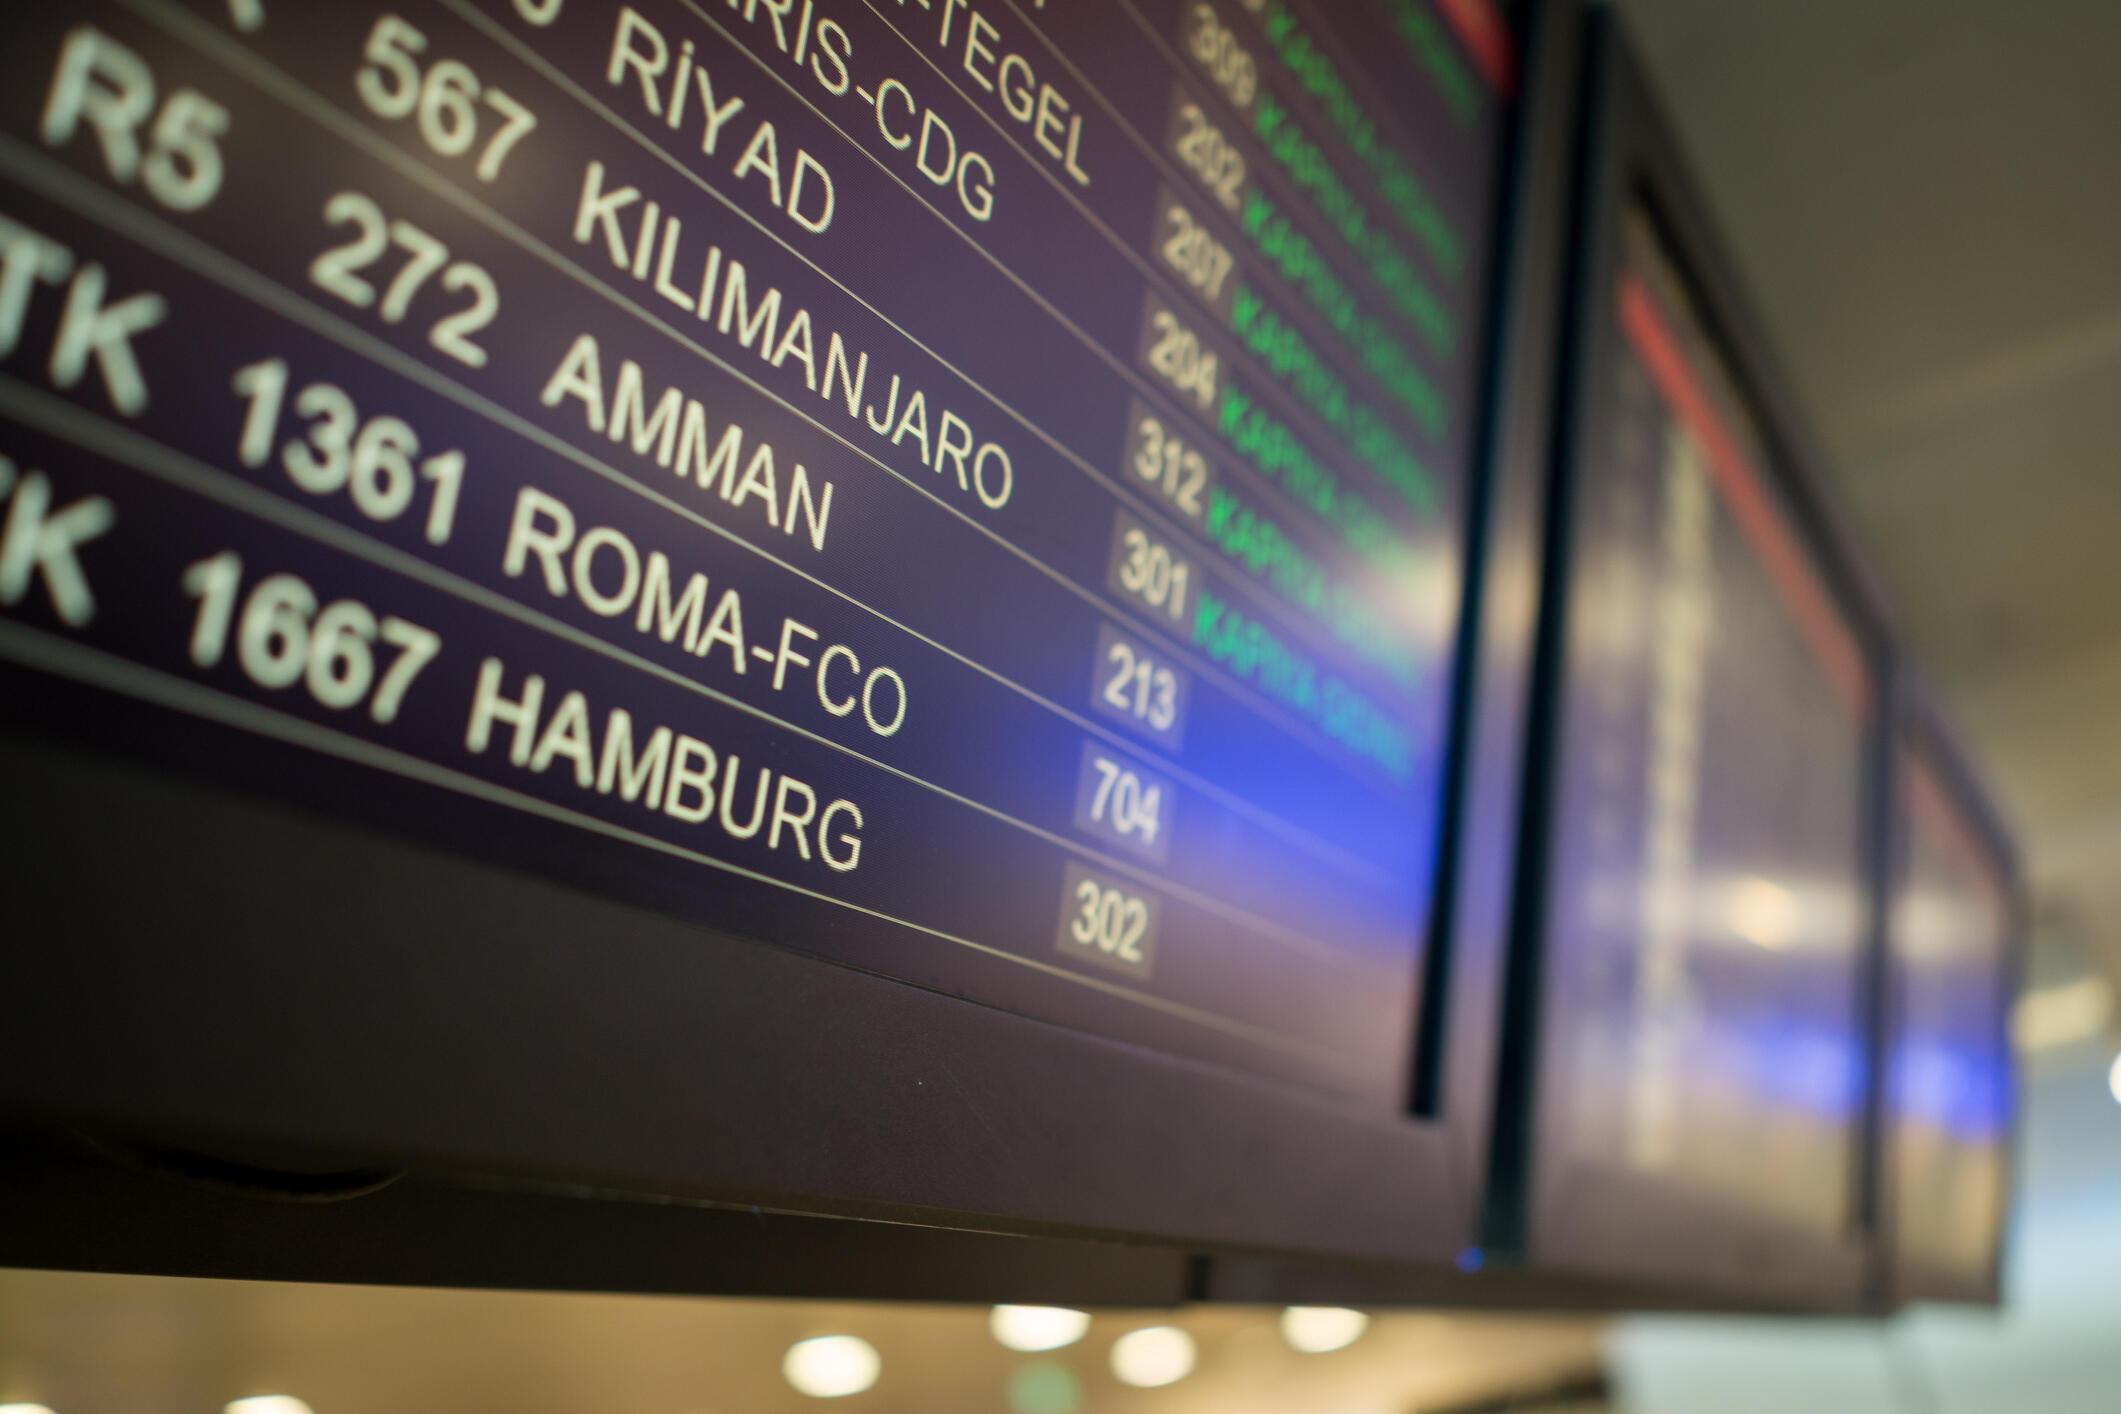 Les Palestiniens de l'étranger ne peuvent pas passer par la Jordanie pour rentrer dans les Territoires palestiniens, l'aéroport d'Amman n'accueille que les Jordaniens. (image d'illustration)